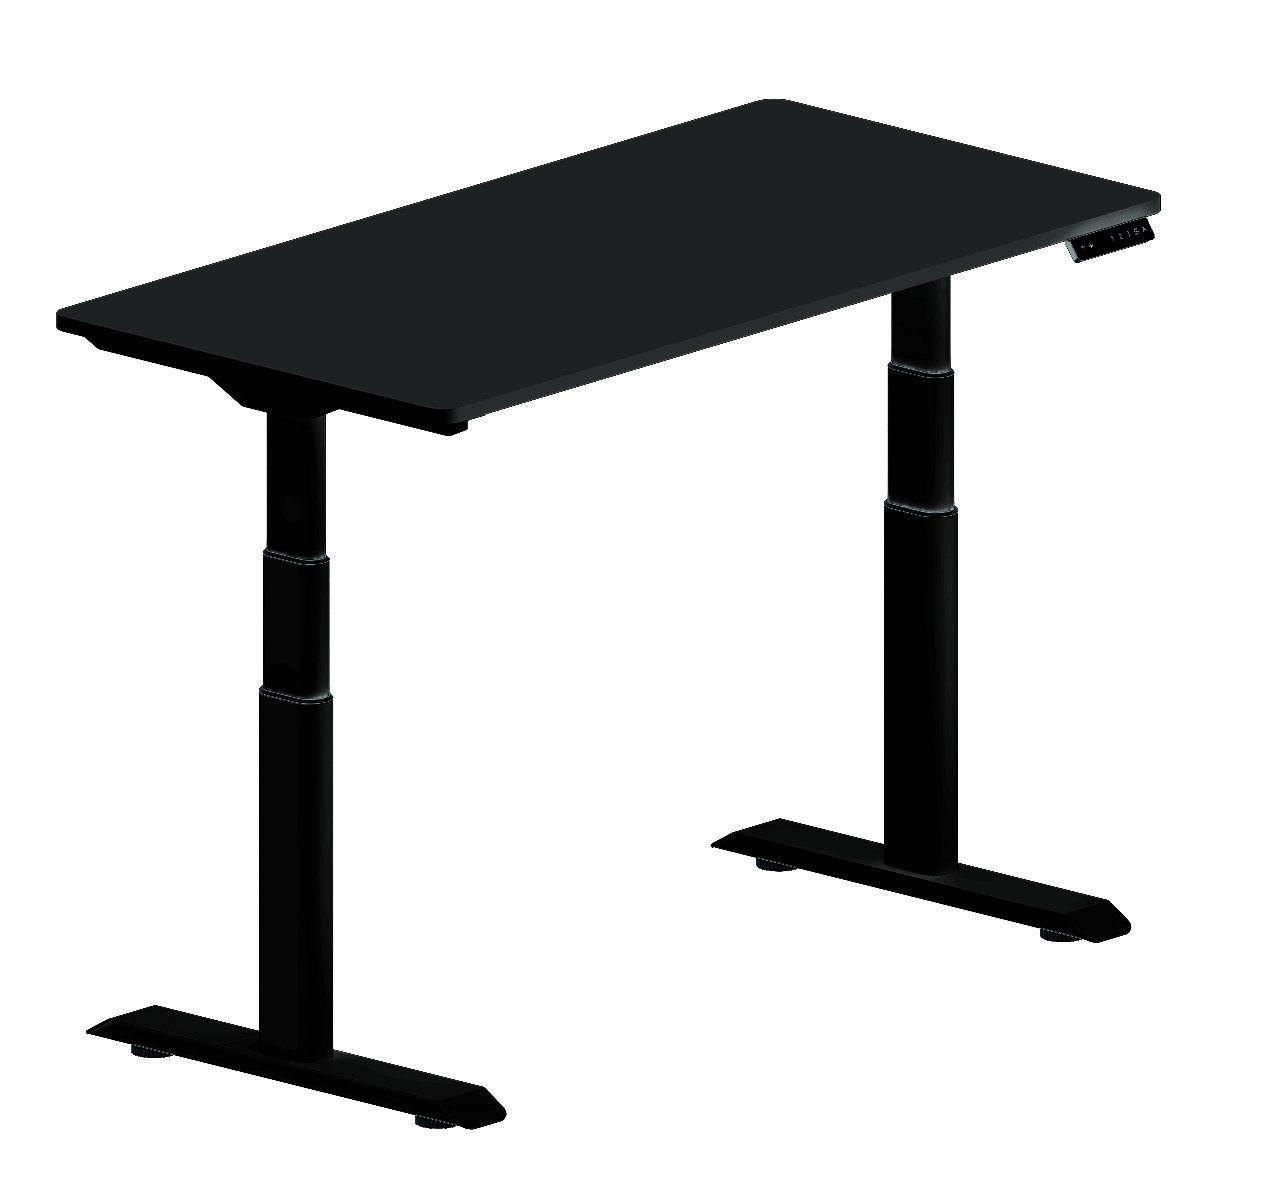 2018 Steel Black Color Electric Height Adjustable Desk Find Complete Details About 20 Home Office Furniture White Office Furniture Home Office Furniture Desk